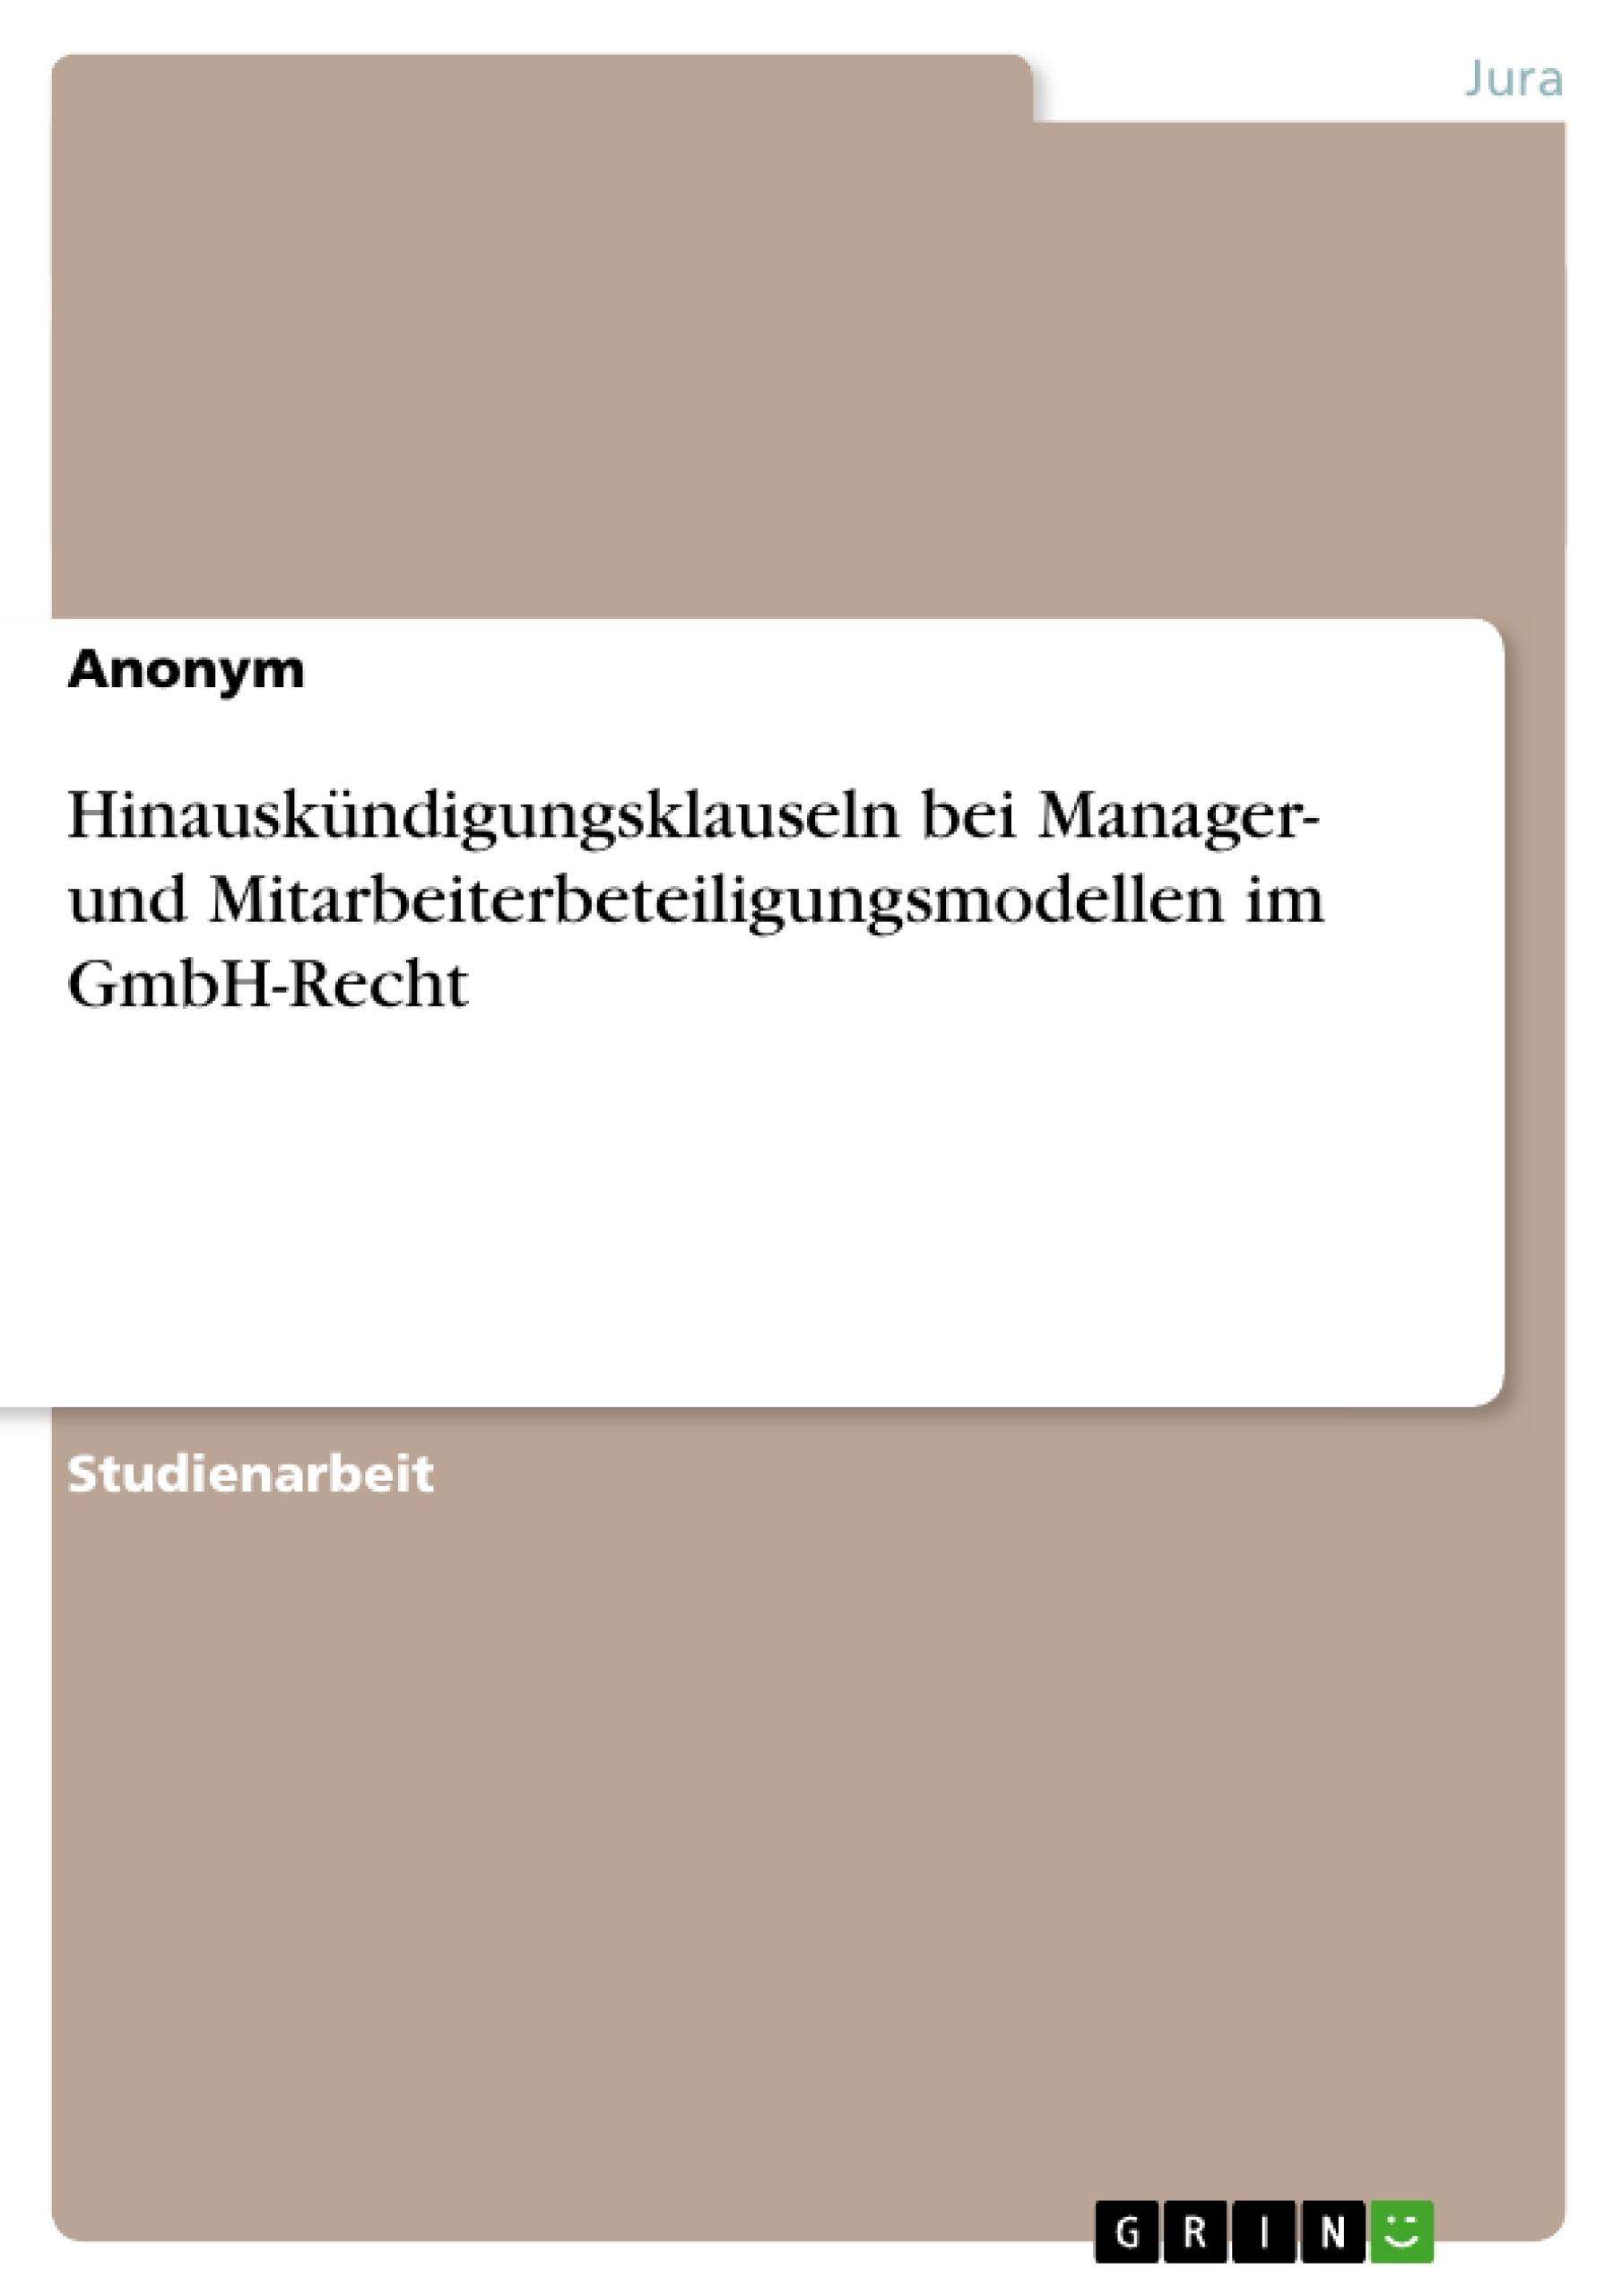 Titel: Hinauskündigungsklauseln bei Manager- und Mitarbeiterbeteiligungsmodellen im GmbH-Recht